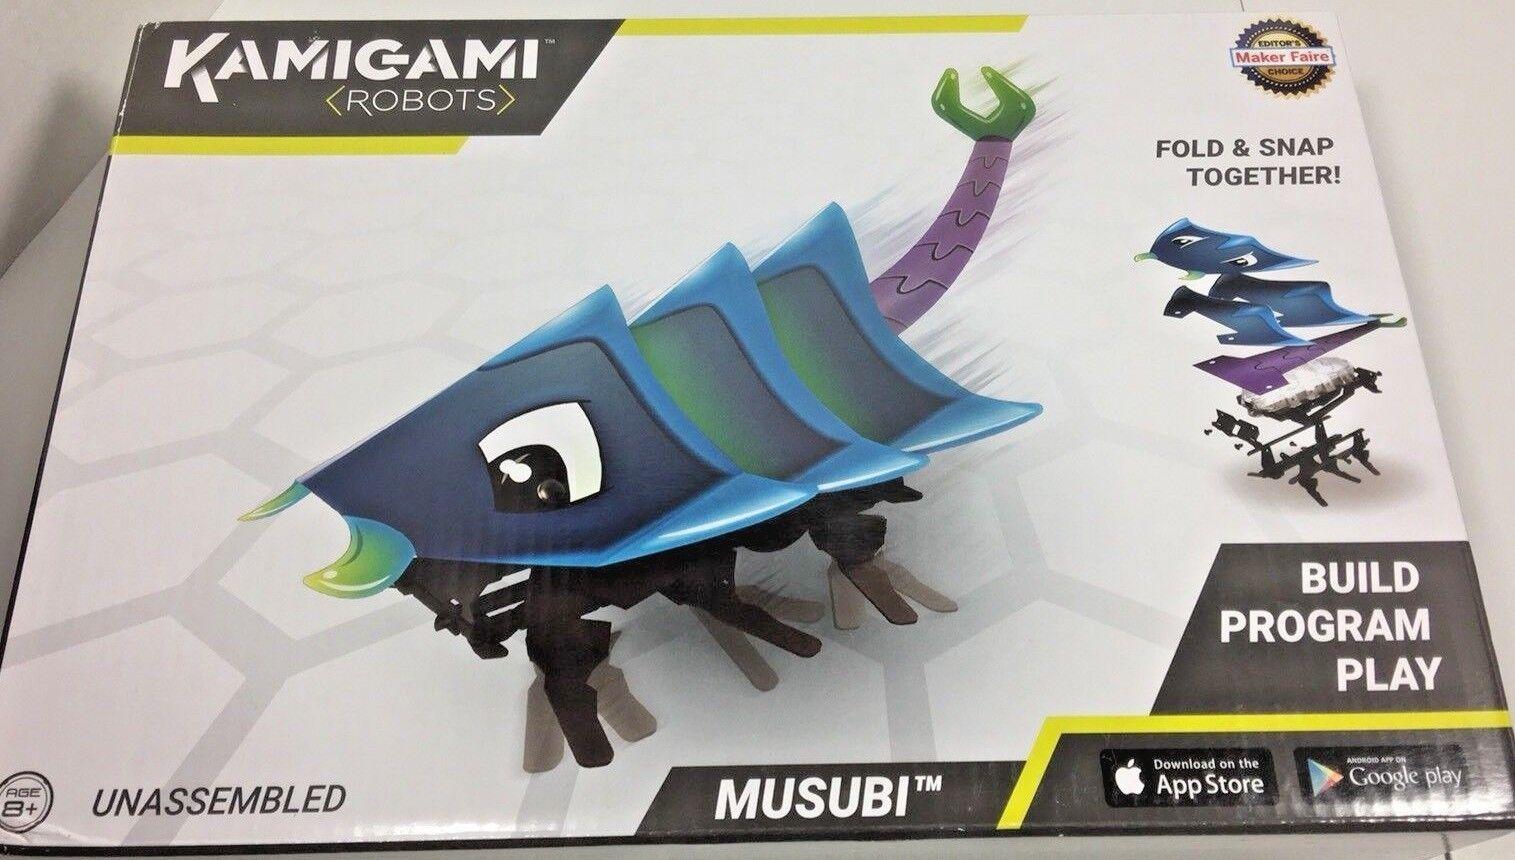 Mattel Kamigami Musubi Robot - Build Program Play - Fold & Snap -  3